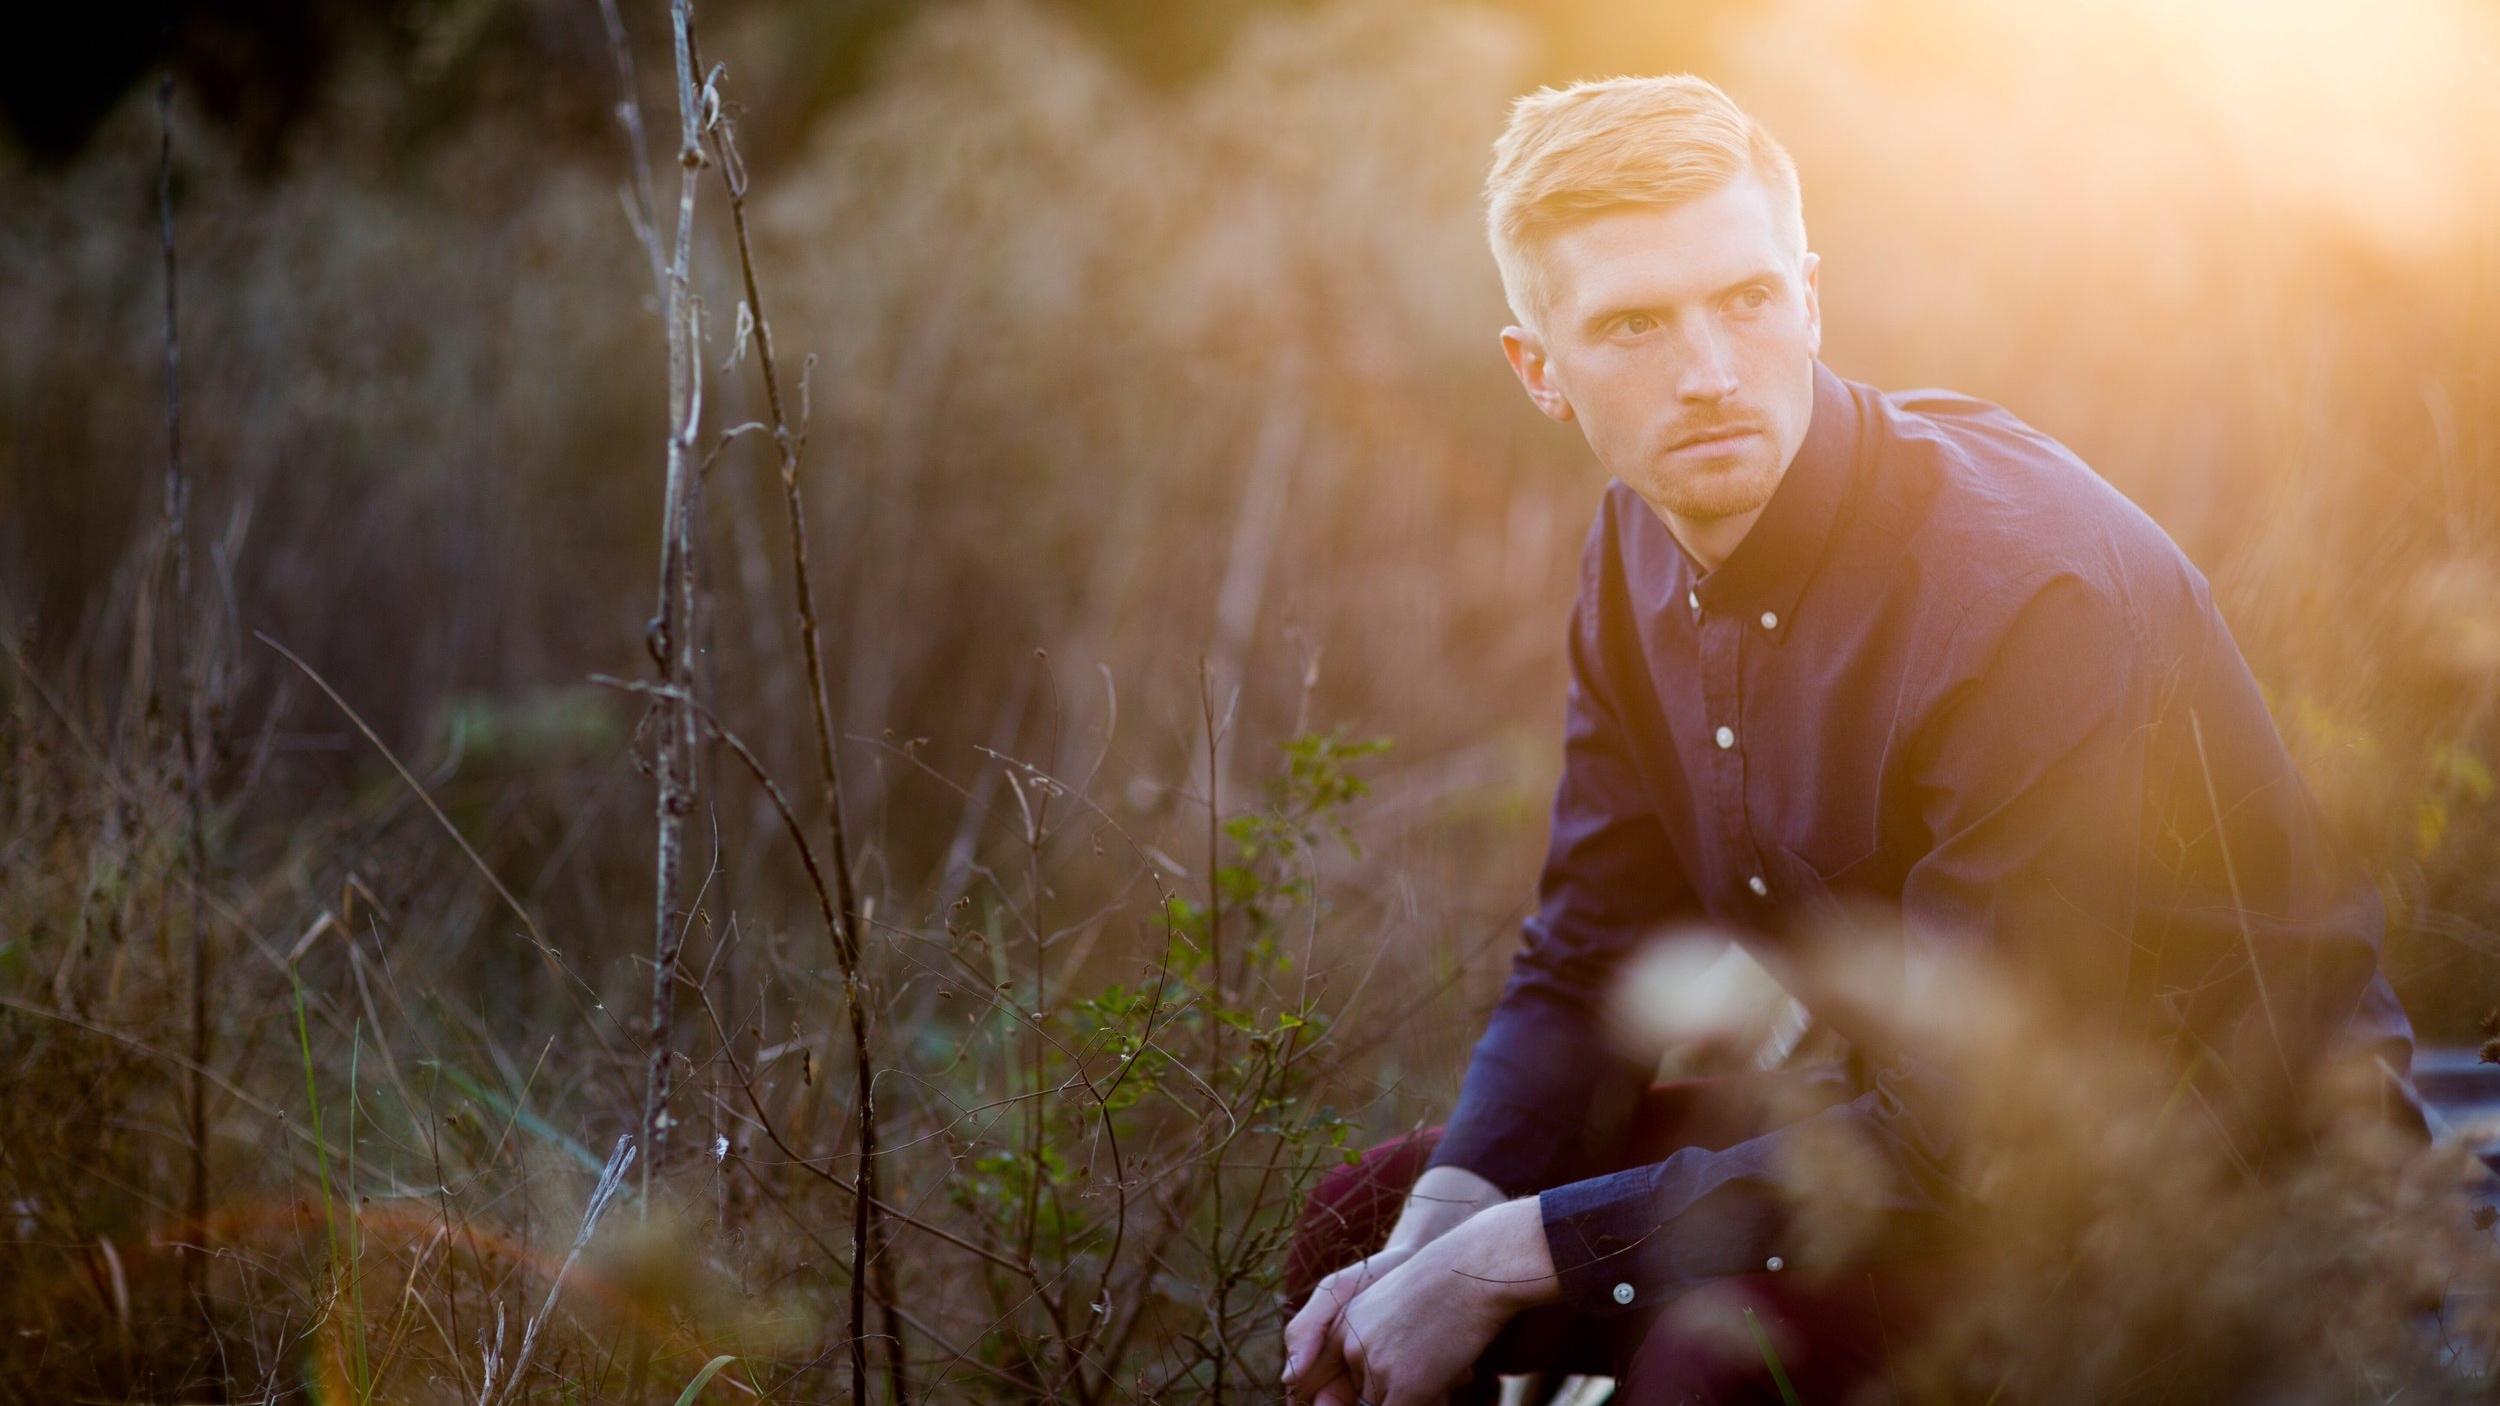 Ryan Lynton - Ryan Lynton Music